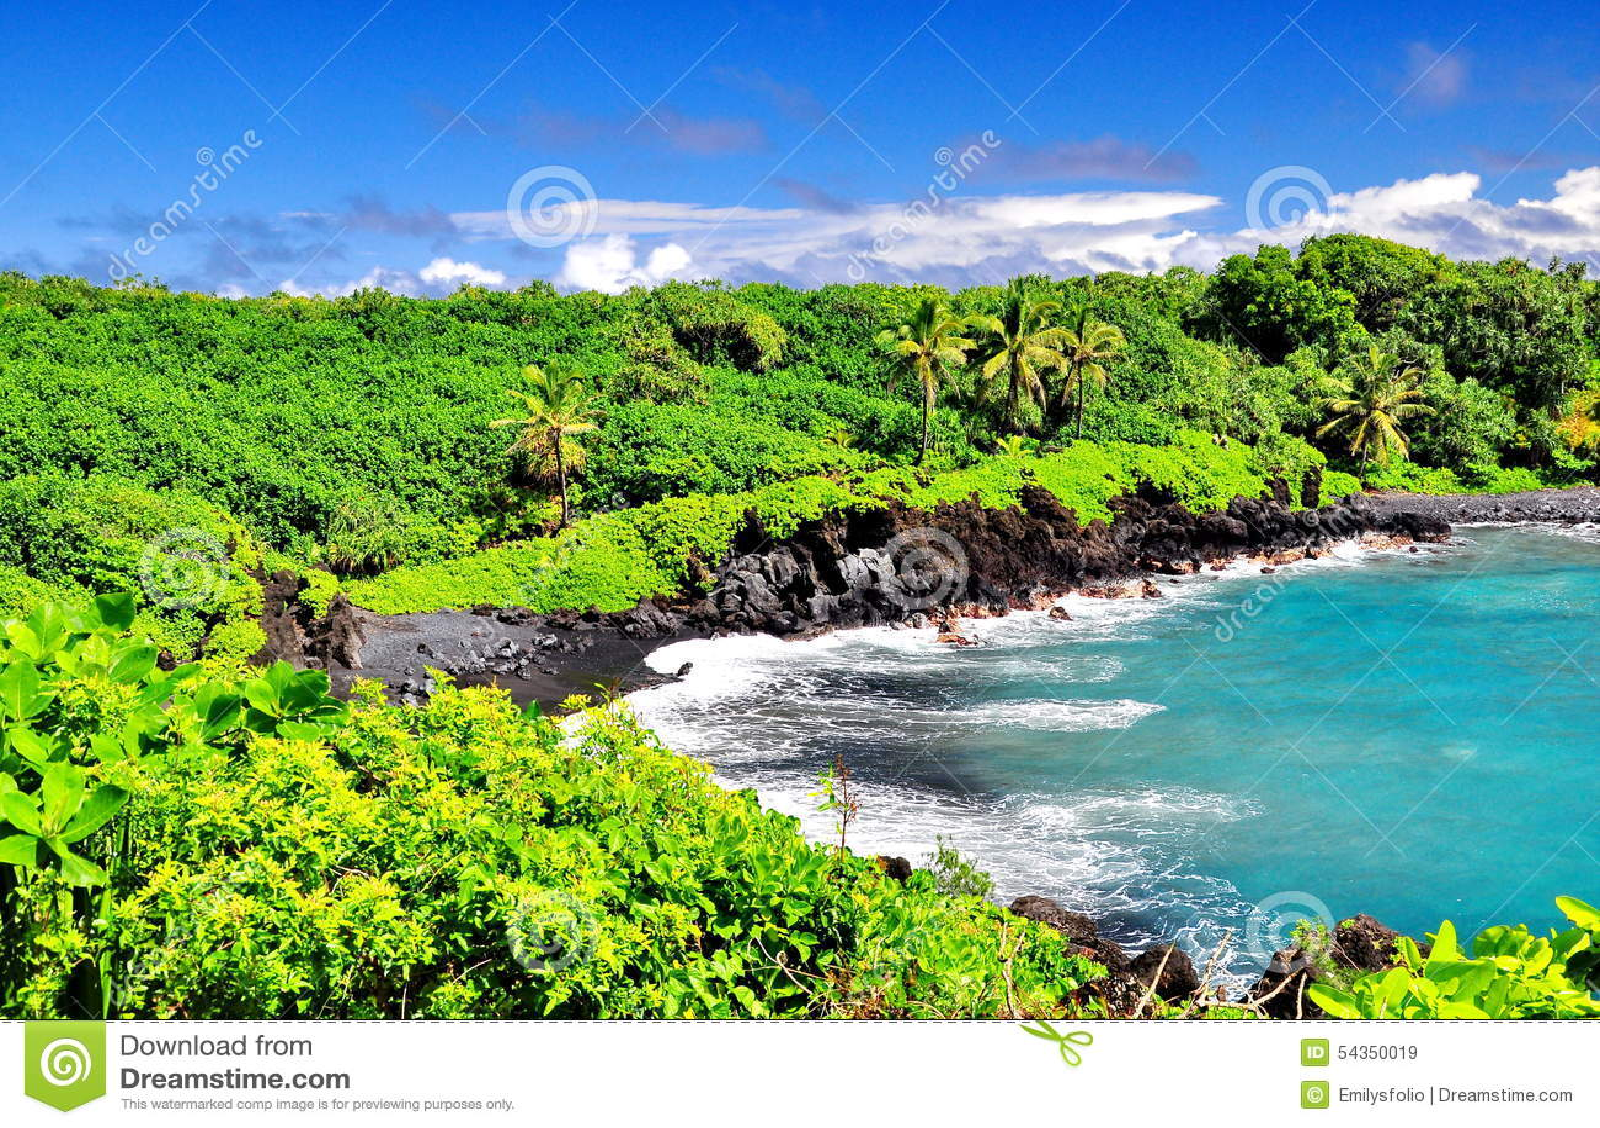 Overlooking Hawaii